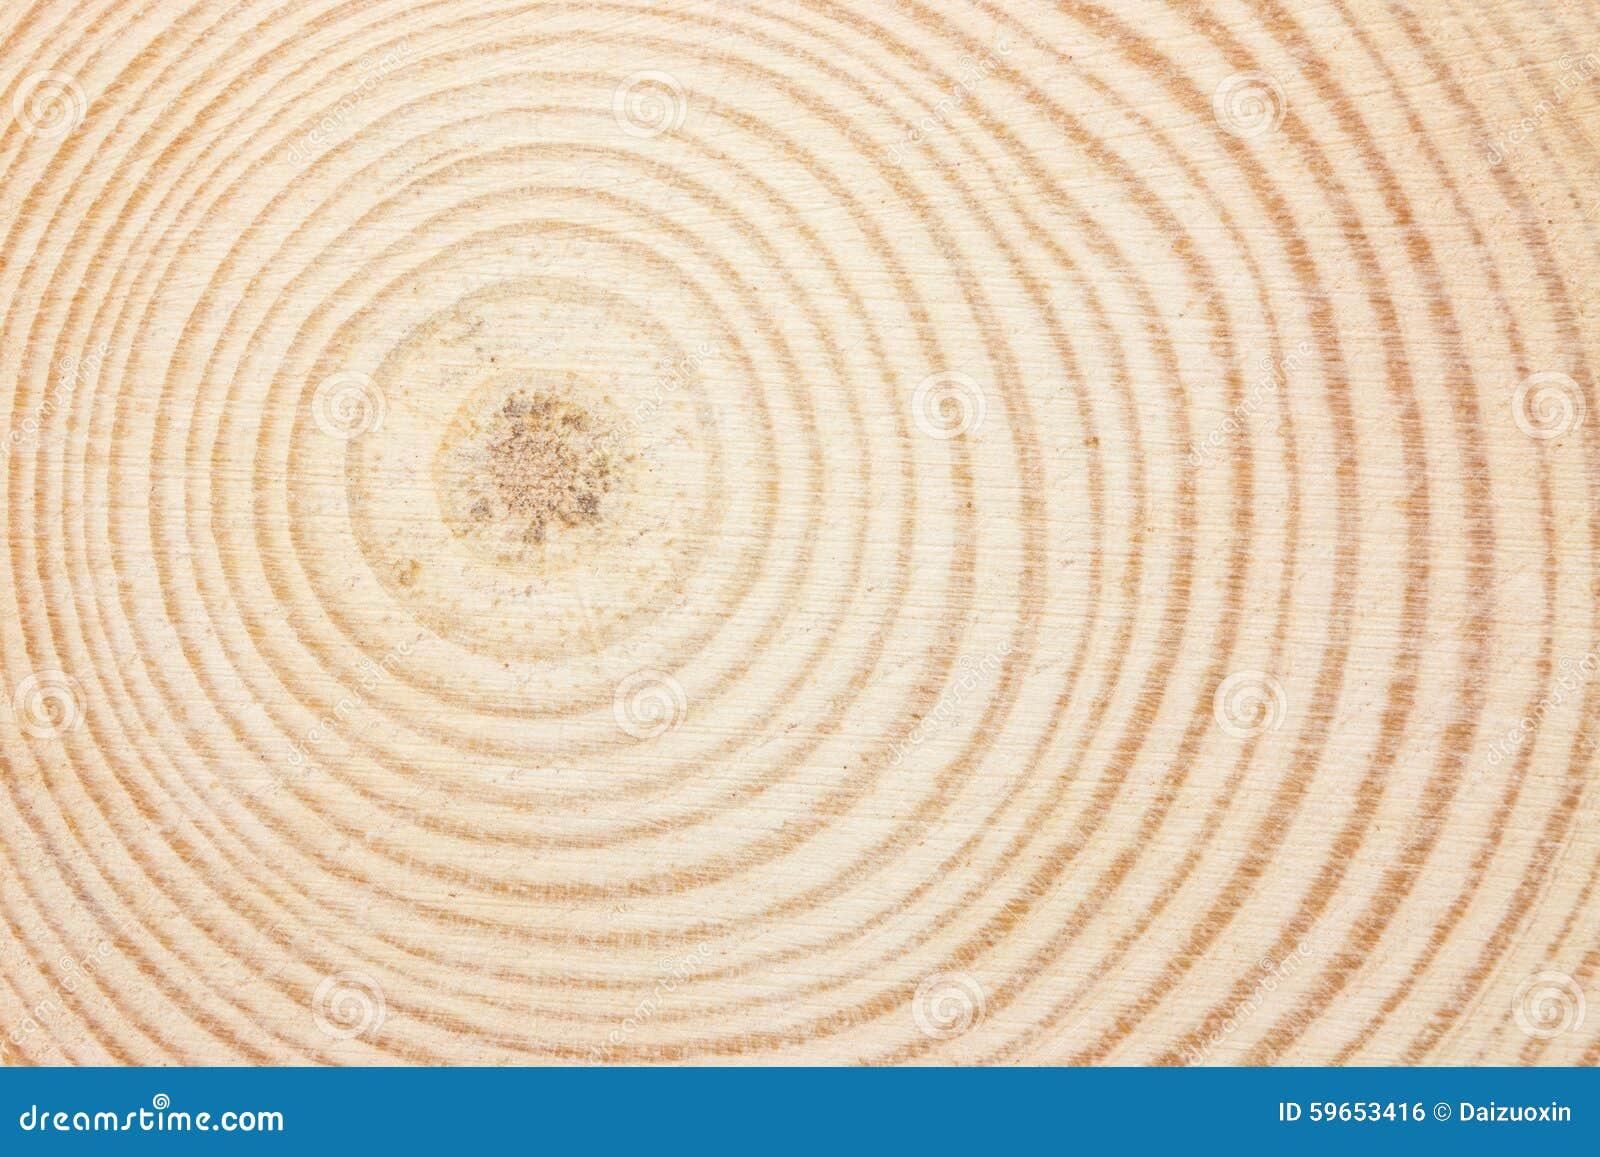 Wood Ring Stock Photo Image 59653416